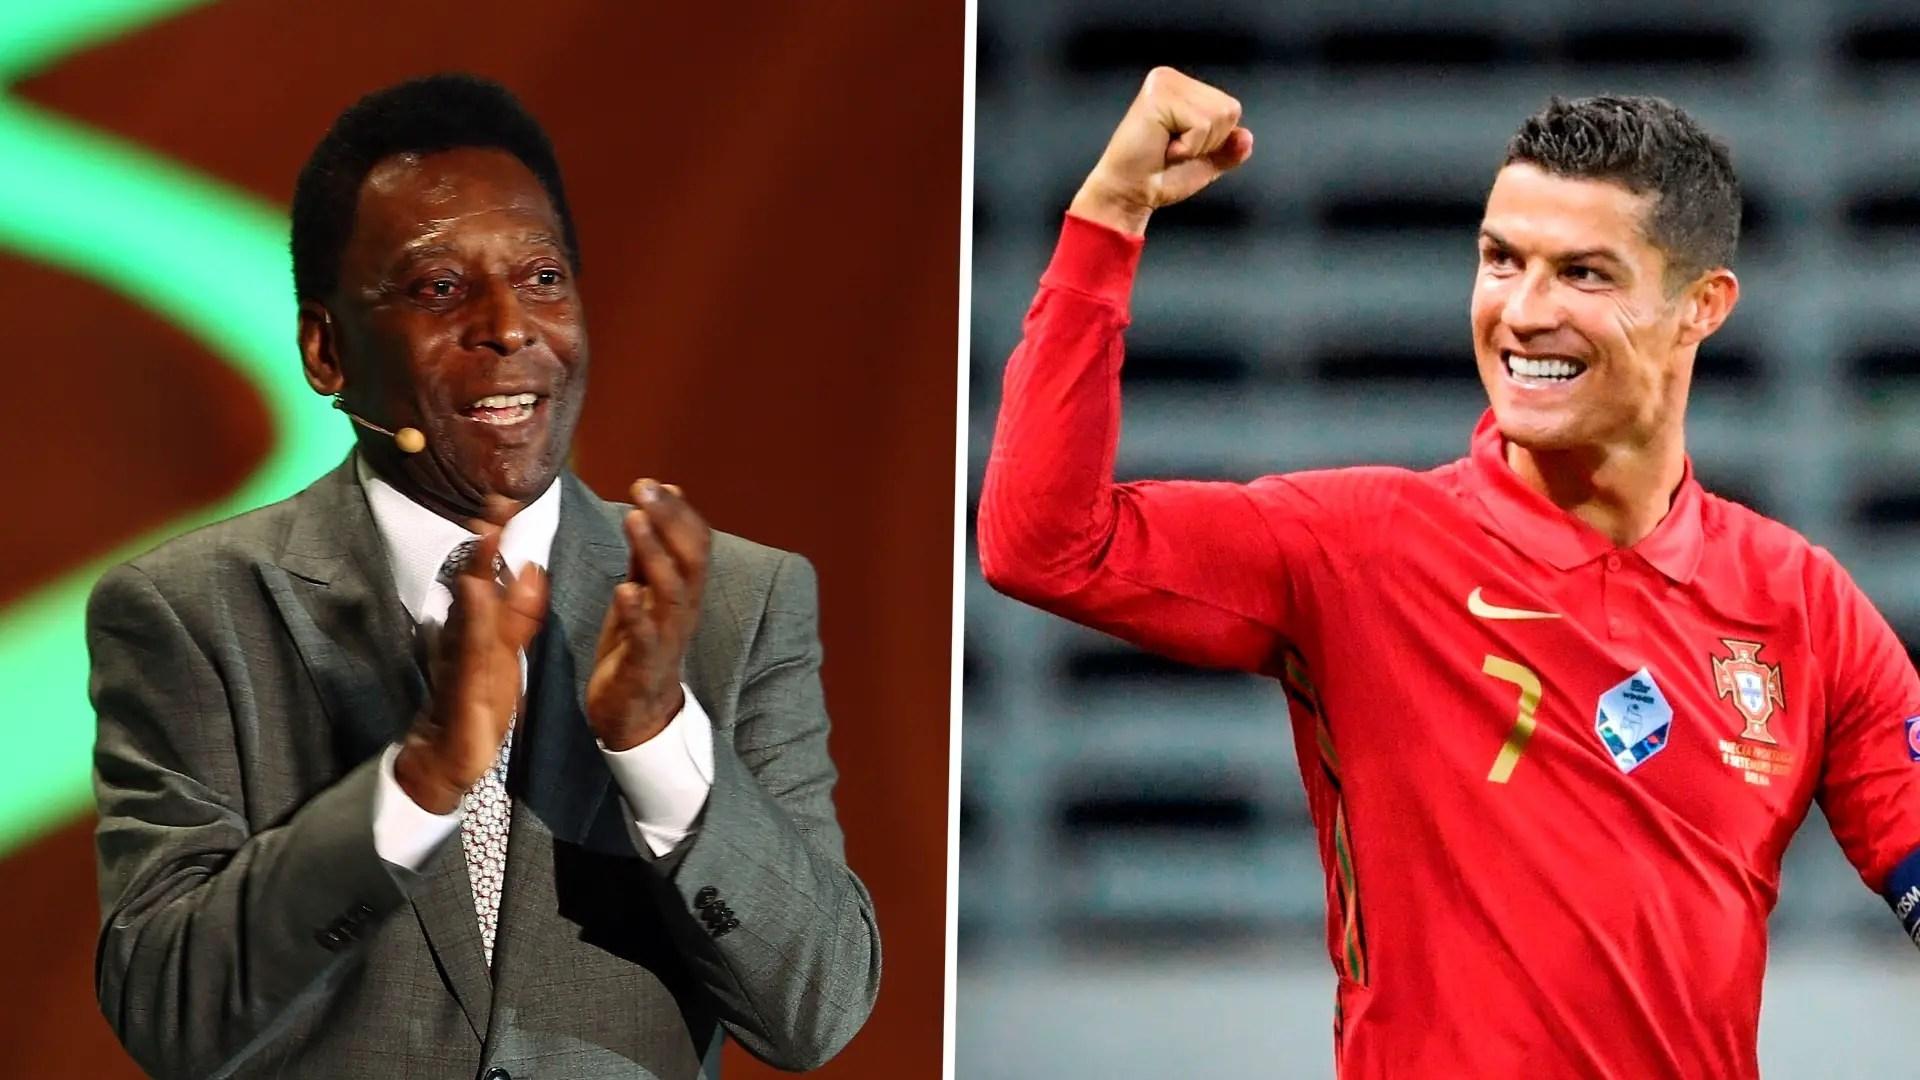 Ronaldo Simply A Born Goal Scorer -Pele